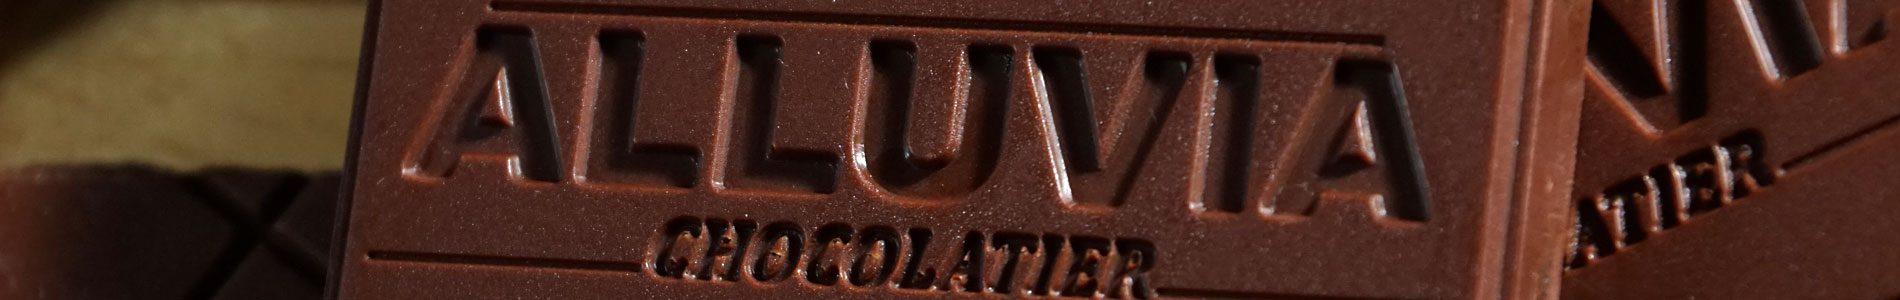 Quy trình chế tạo nên những viên socola thủ công nguyên chất đúng điệu tại Alluvia bao gồm nhiều công đoạn khác nhau